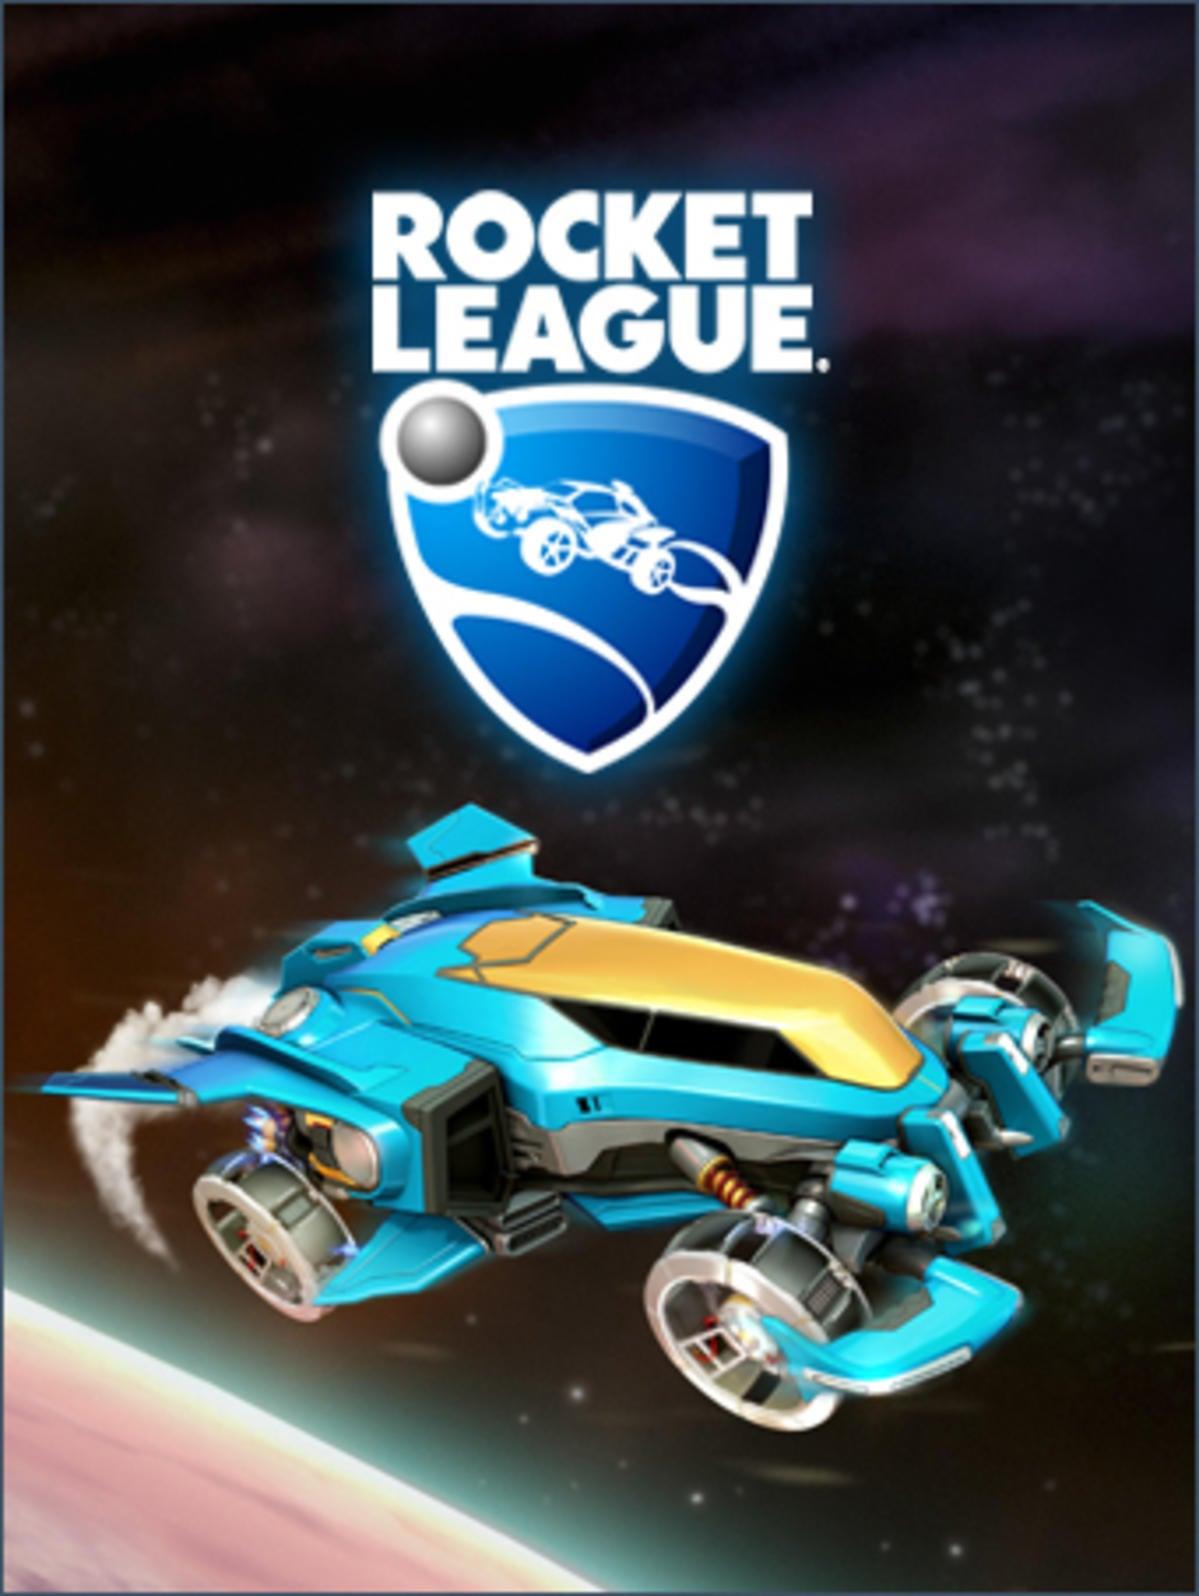 Vulcan Rocket League 174 Official Site